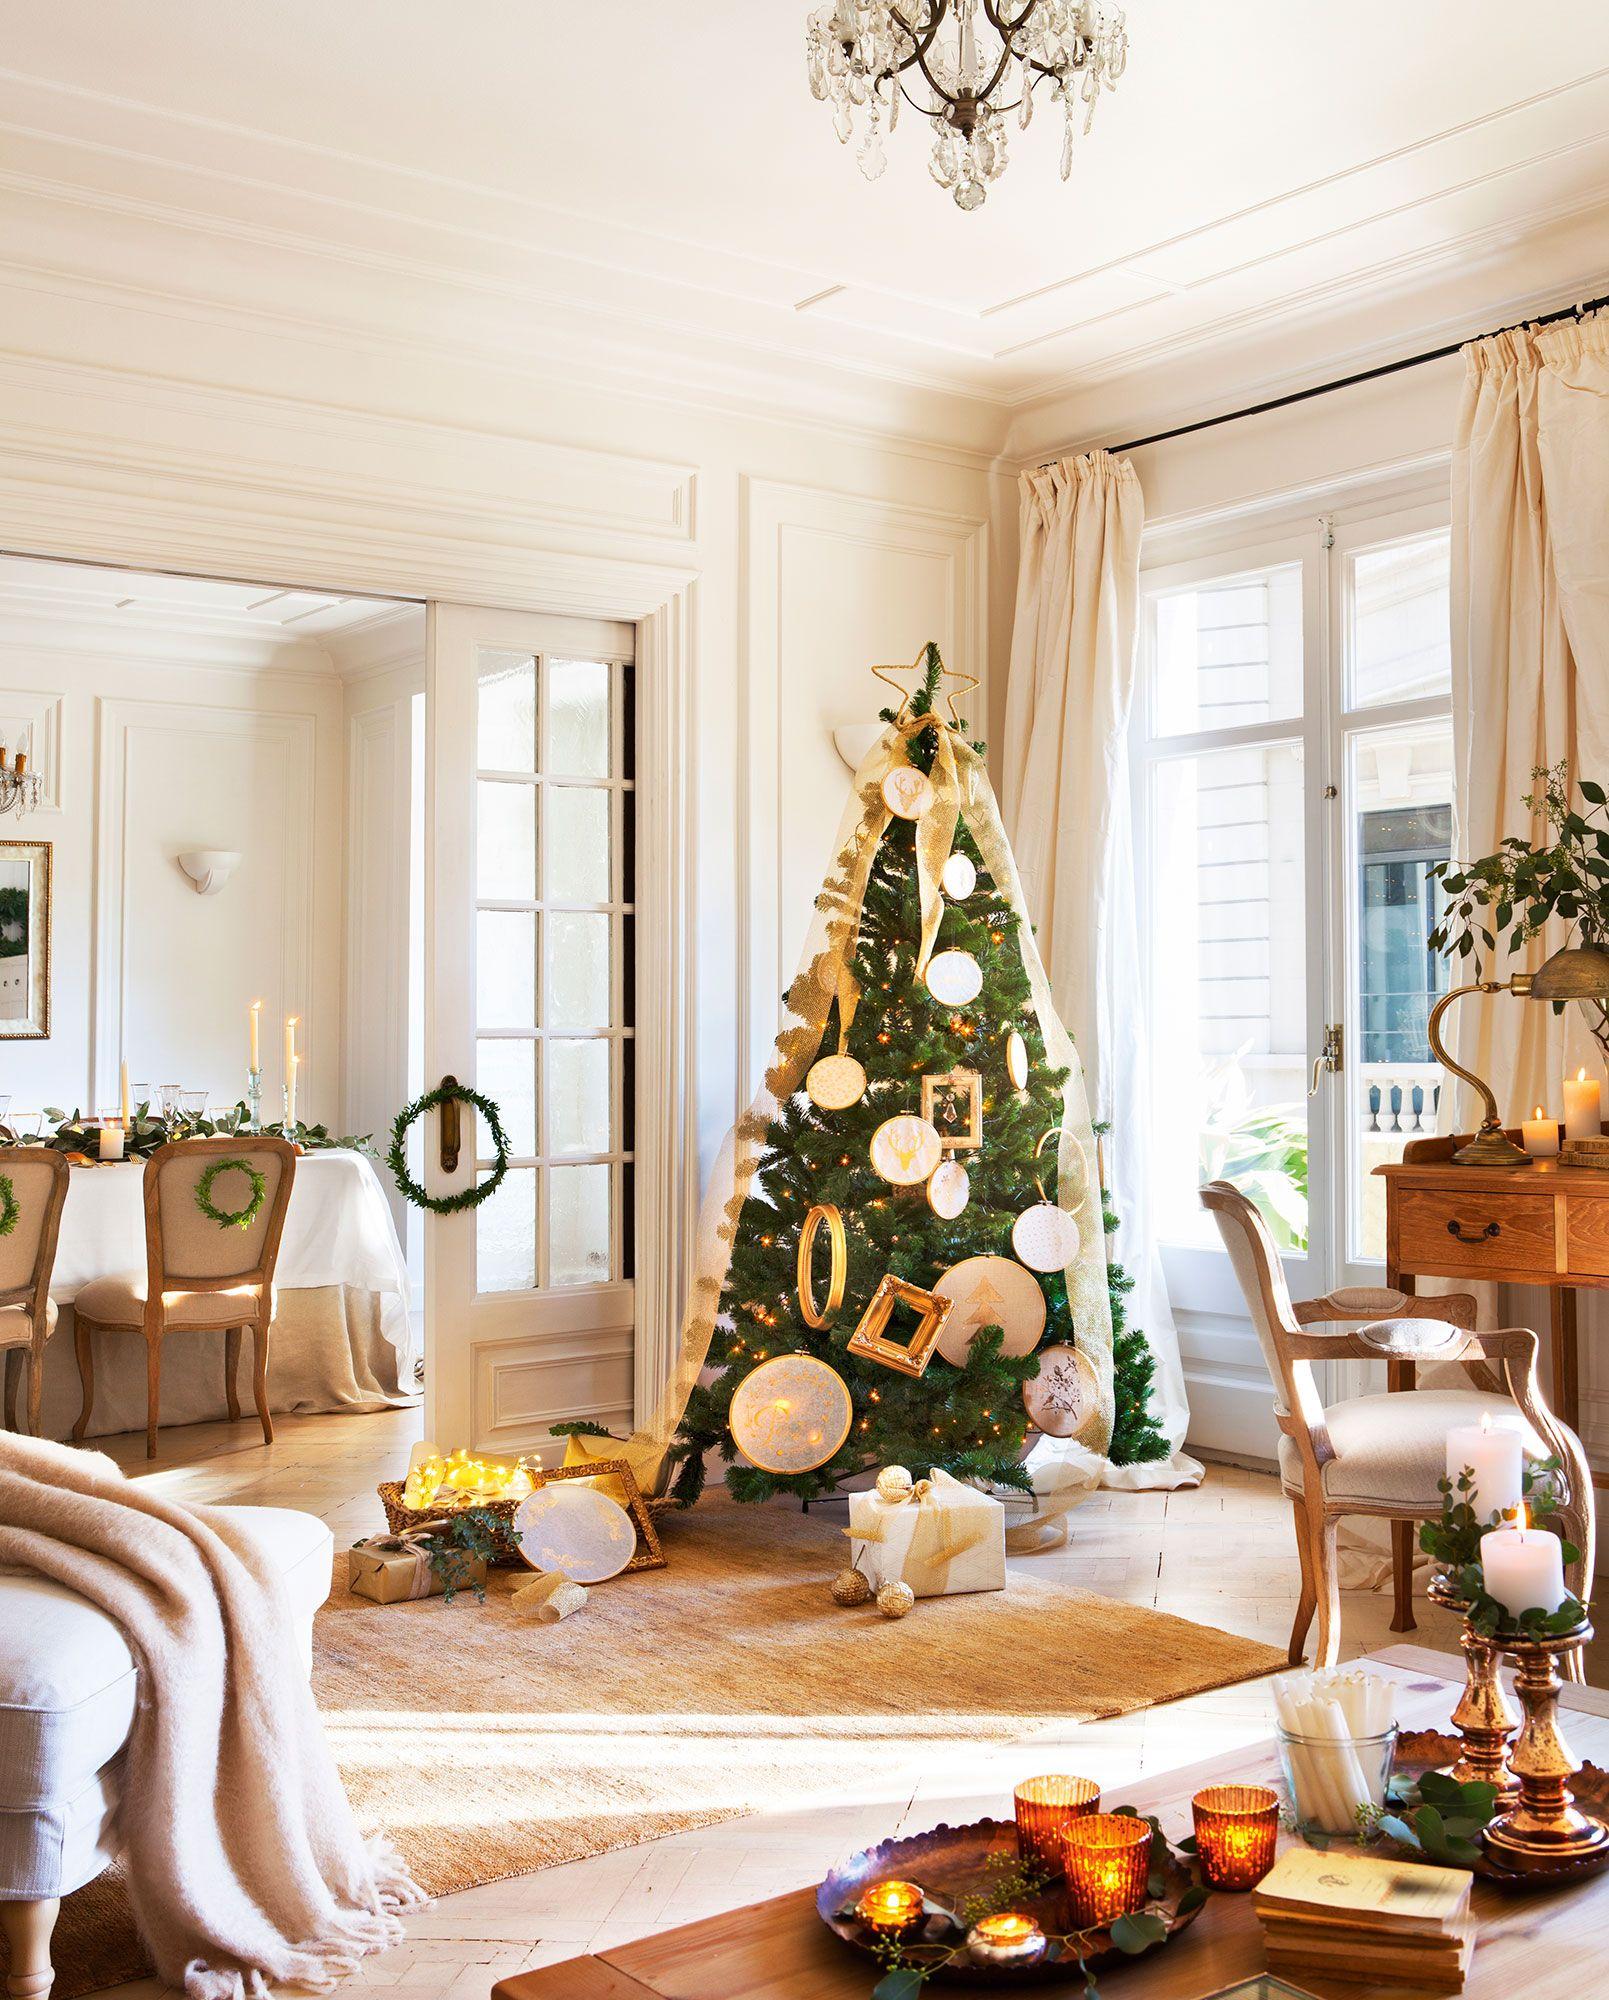 Navidad 15 ideas para decorar de fiesta tu casa rboles for Salones decorados para navidad